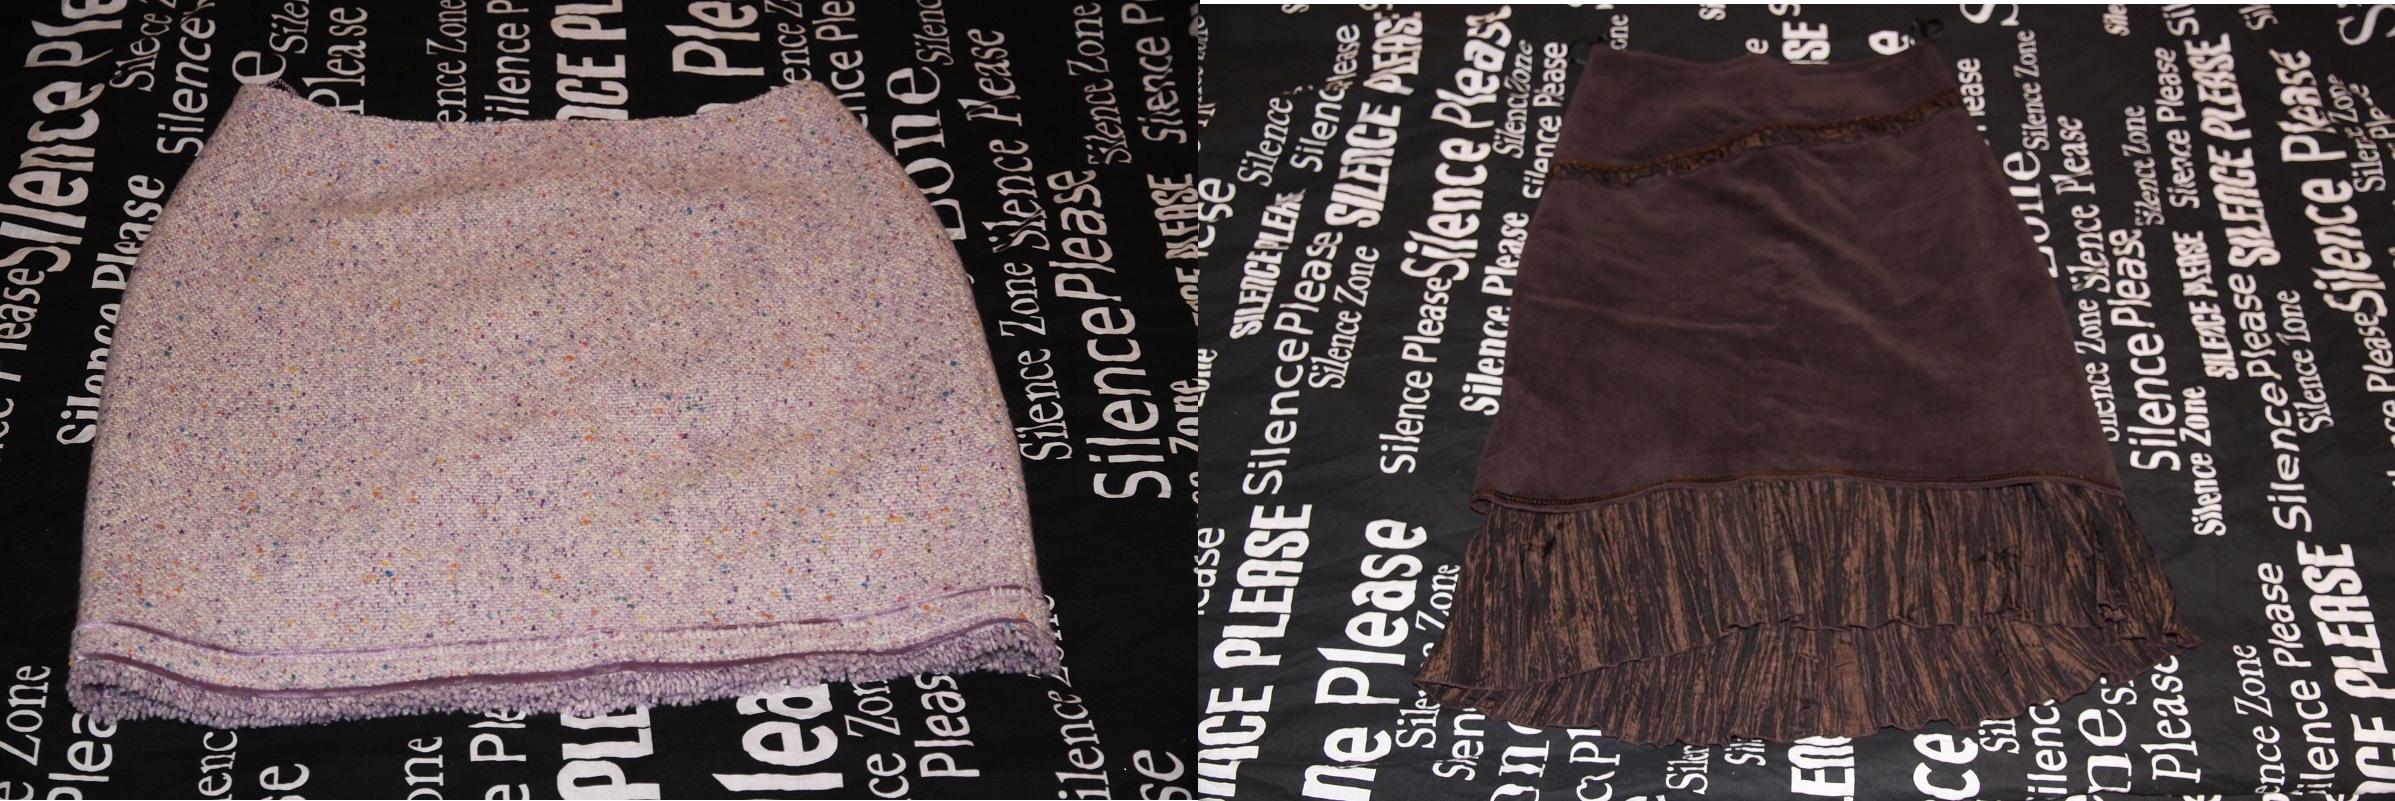 PAKA Spódnic spódnica spódniczka rozm 38 10 szt